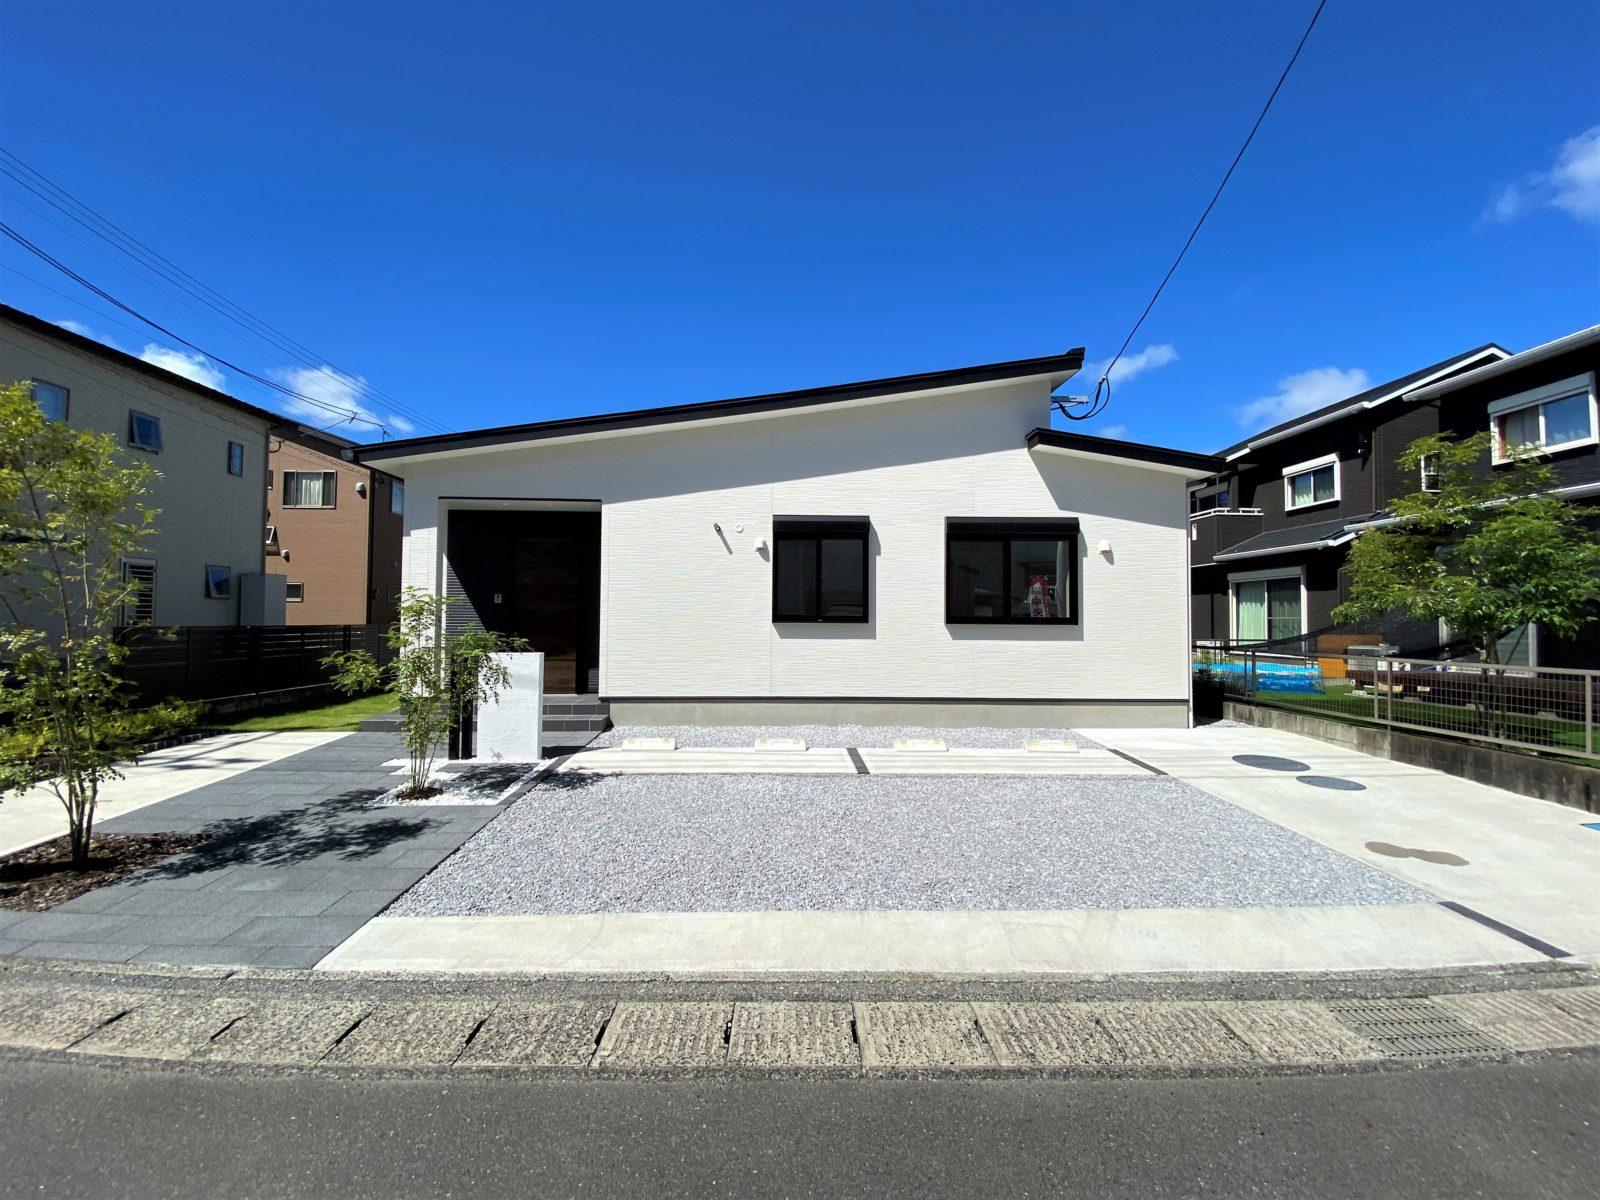 鹿児島市中山で平屋建てオープンハウス 使い勝手の良い回遊動線の平屋建て